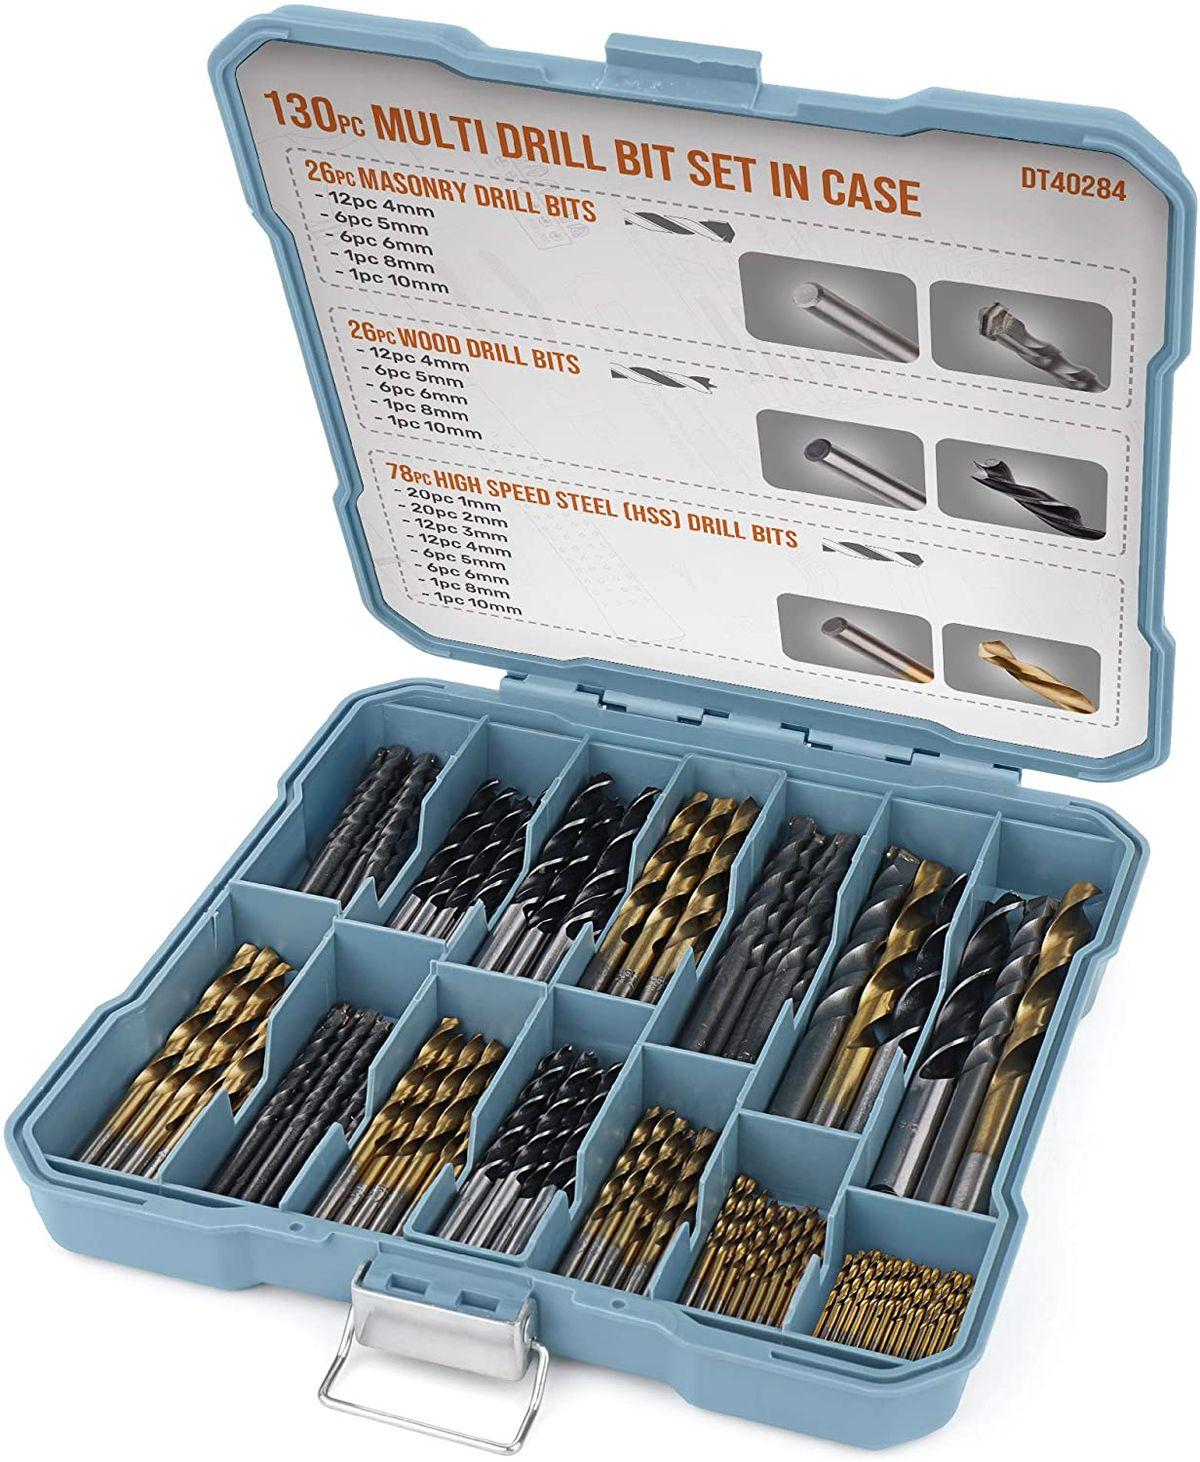 Hi-Spec 130pc Drill Bit Set Titanium-Coated HSS Steel Bits Masonary Drill Power Tool Accessories For Metal Plastic Woodworking